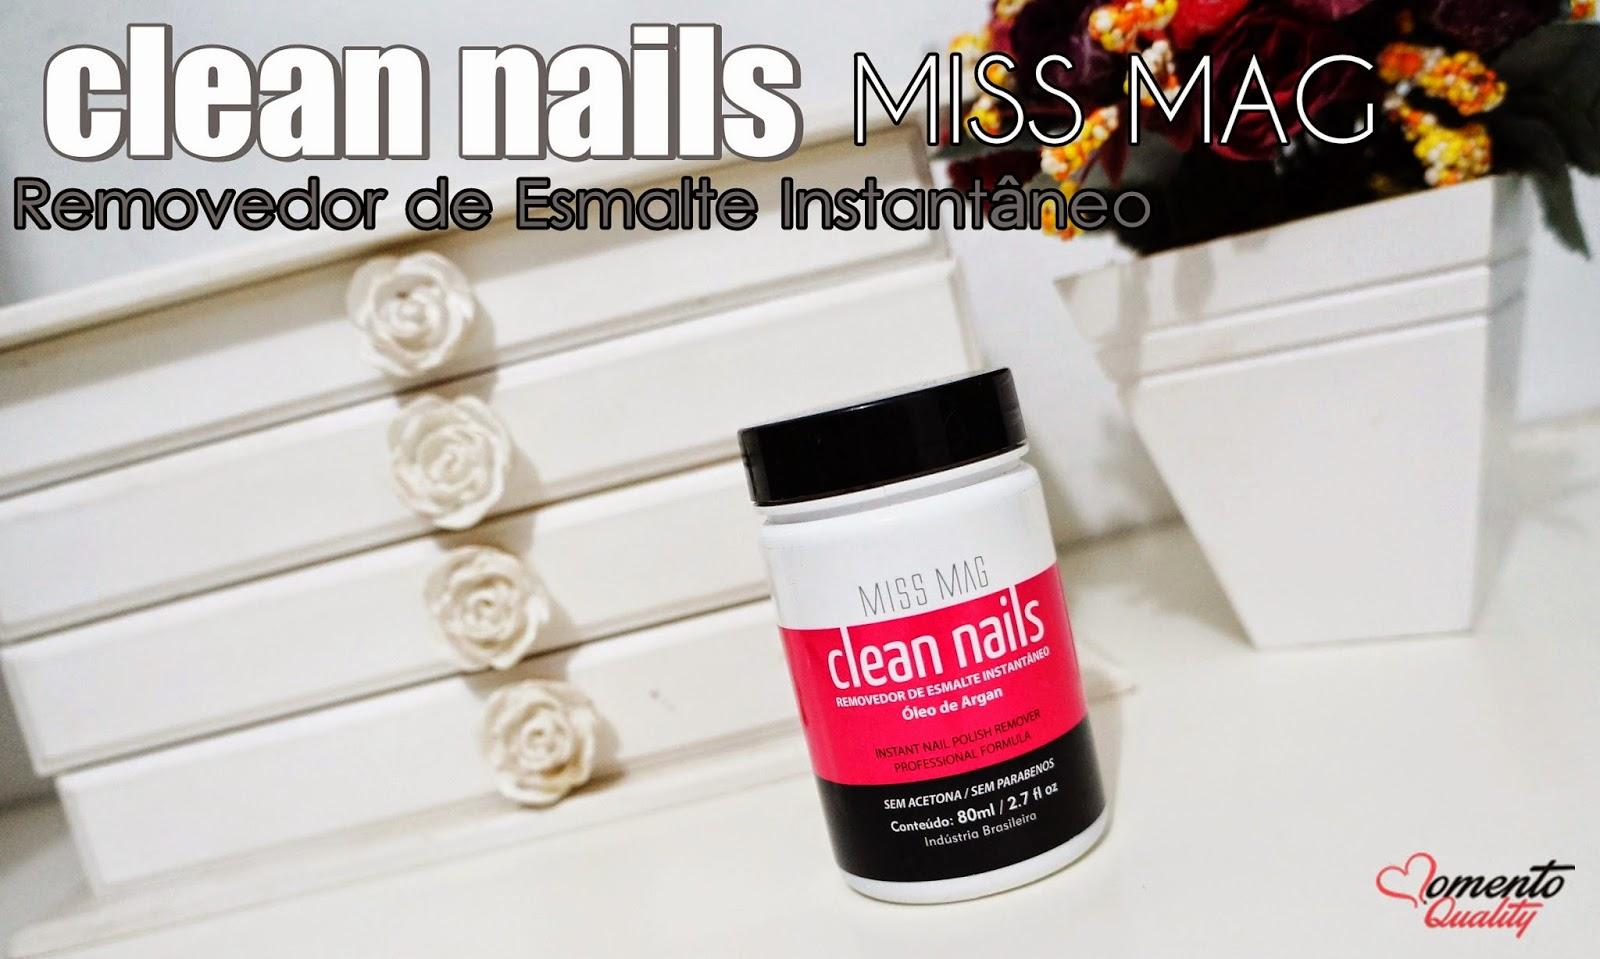 Removedor de Esmalte Instantâneo Clean Nails Miss Mag